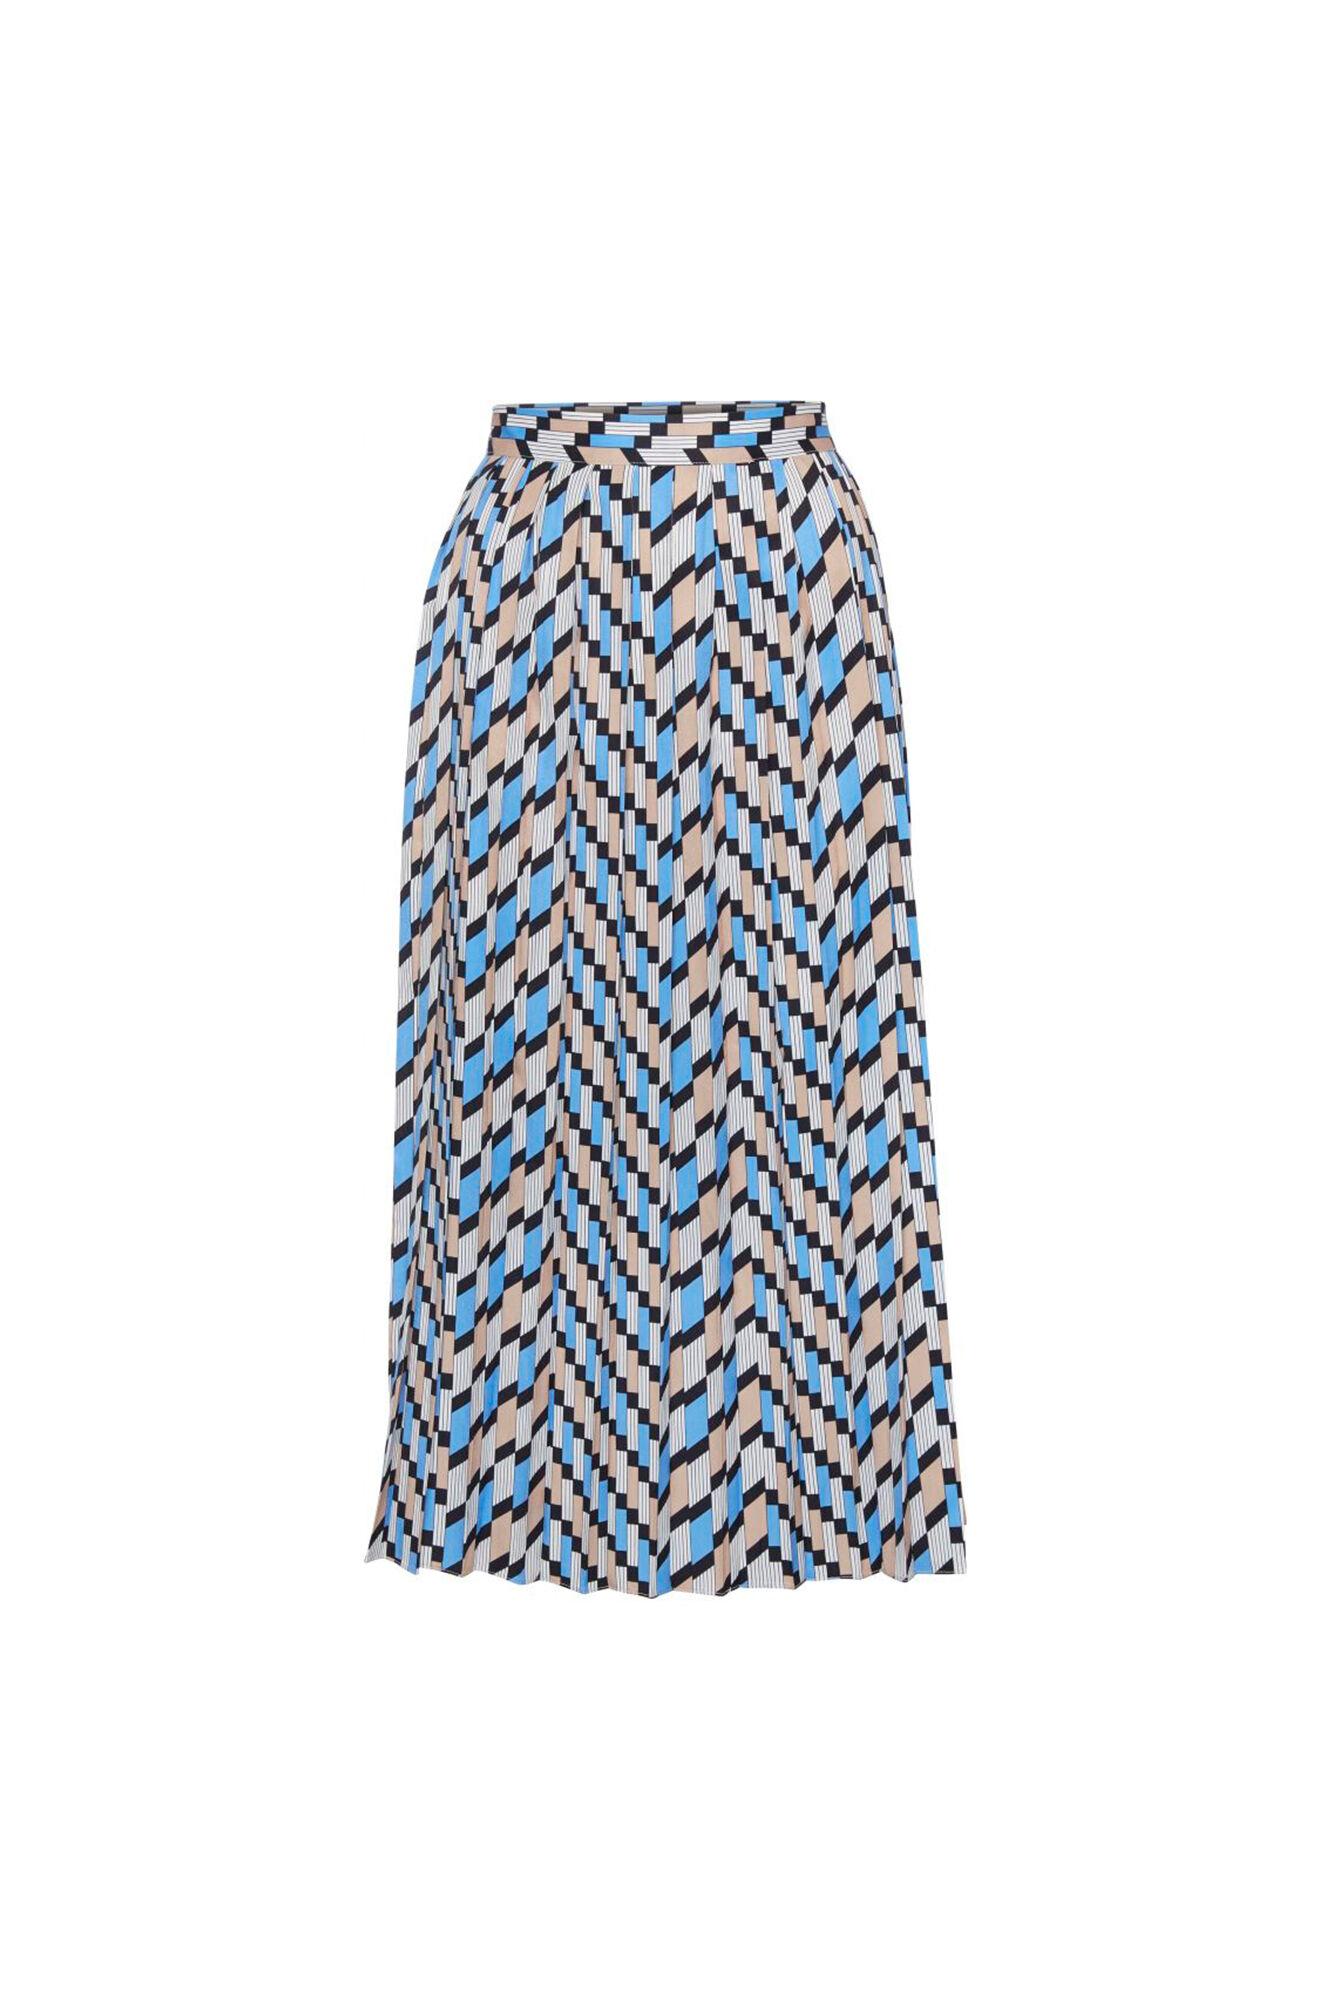 Aubrey Skirt 11861203, BLUE PRINT